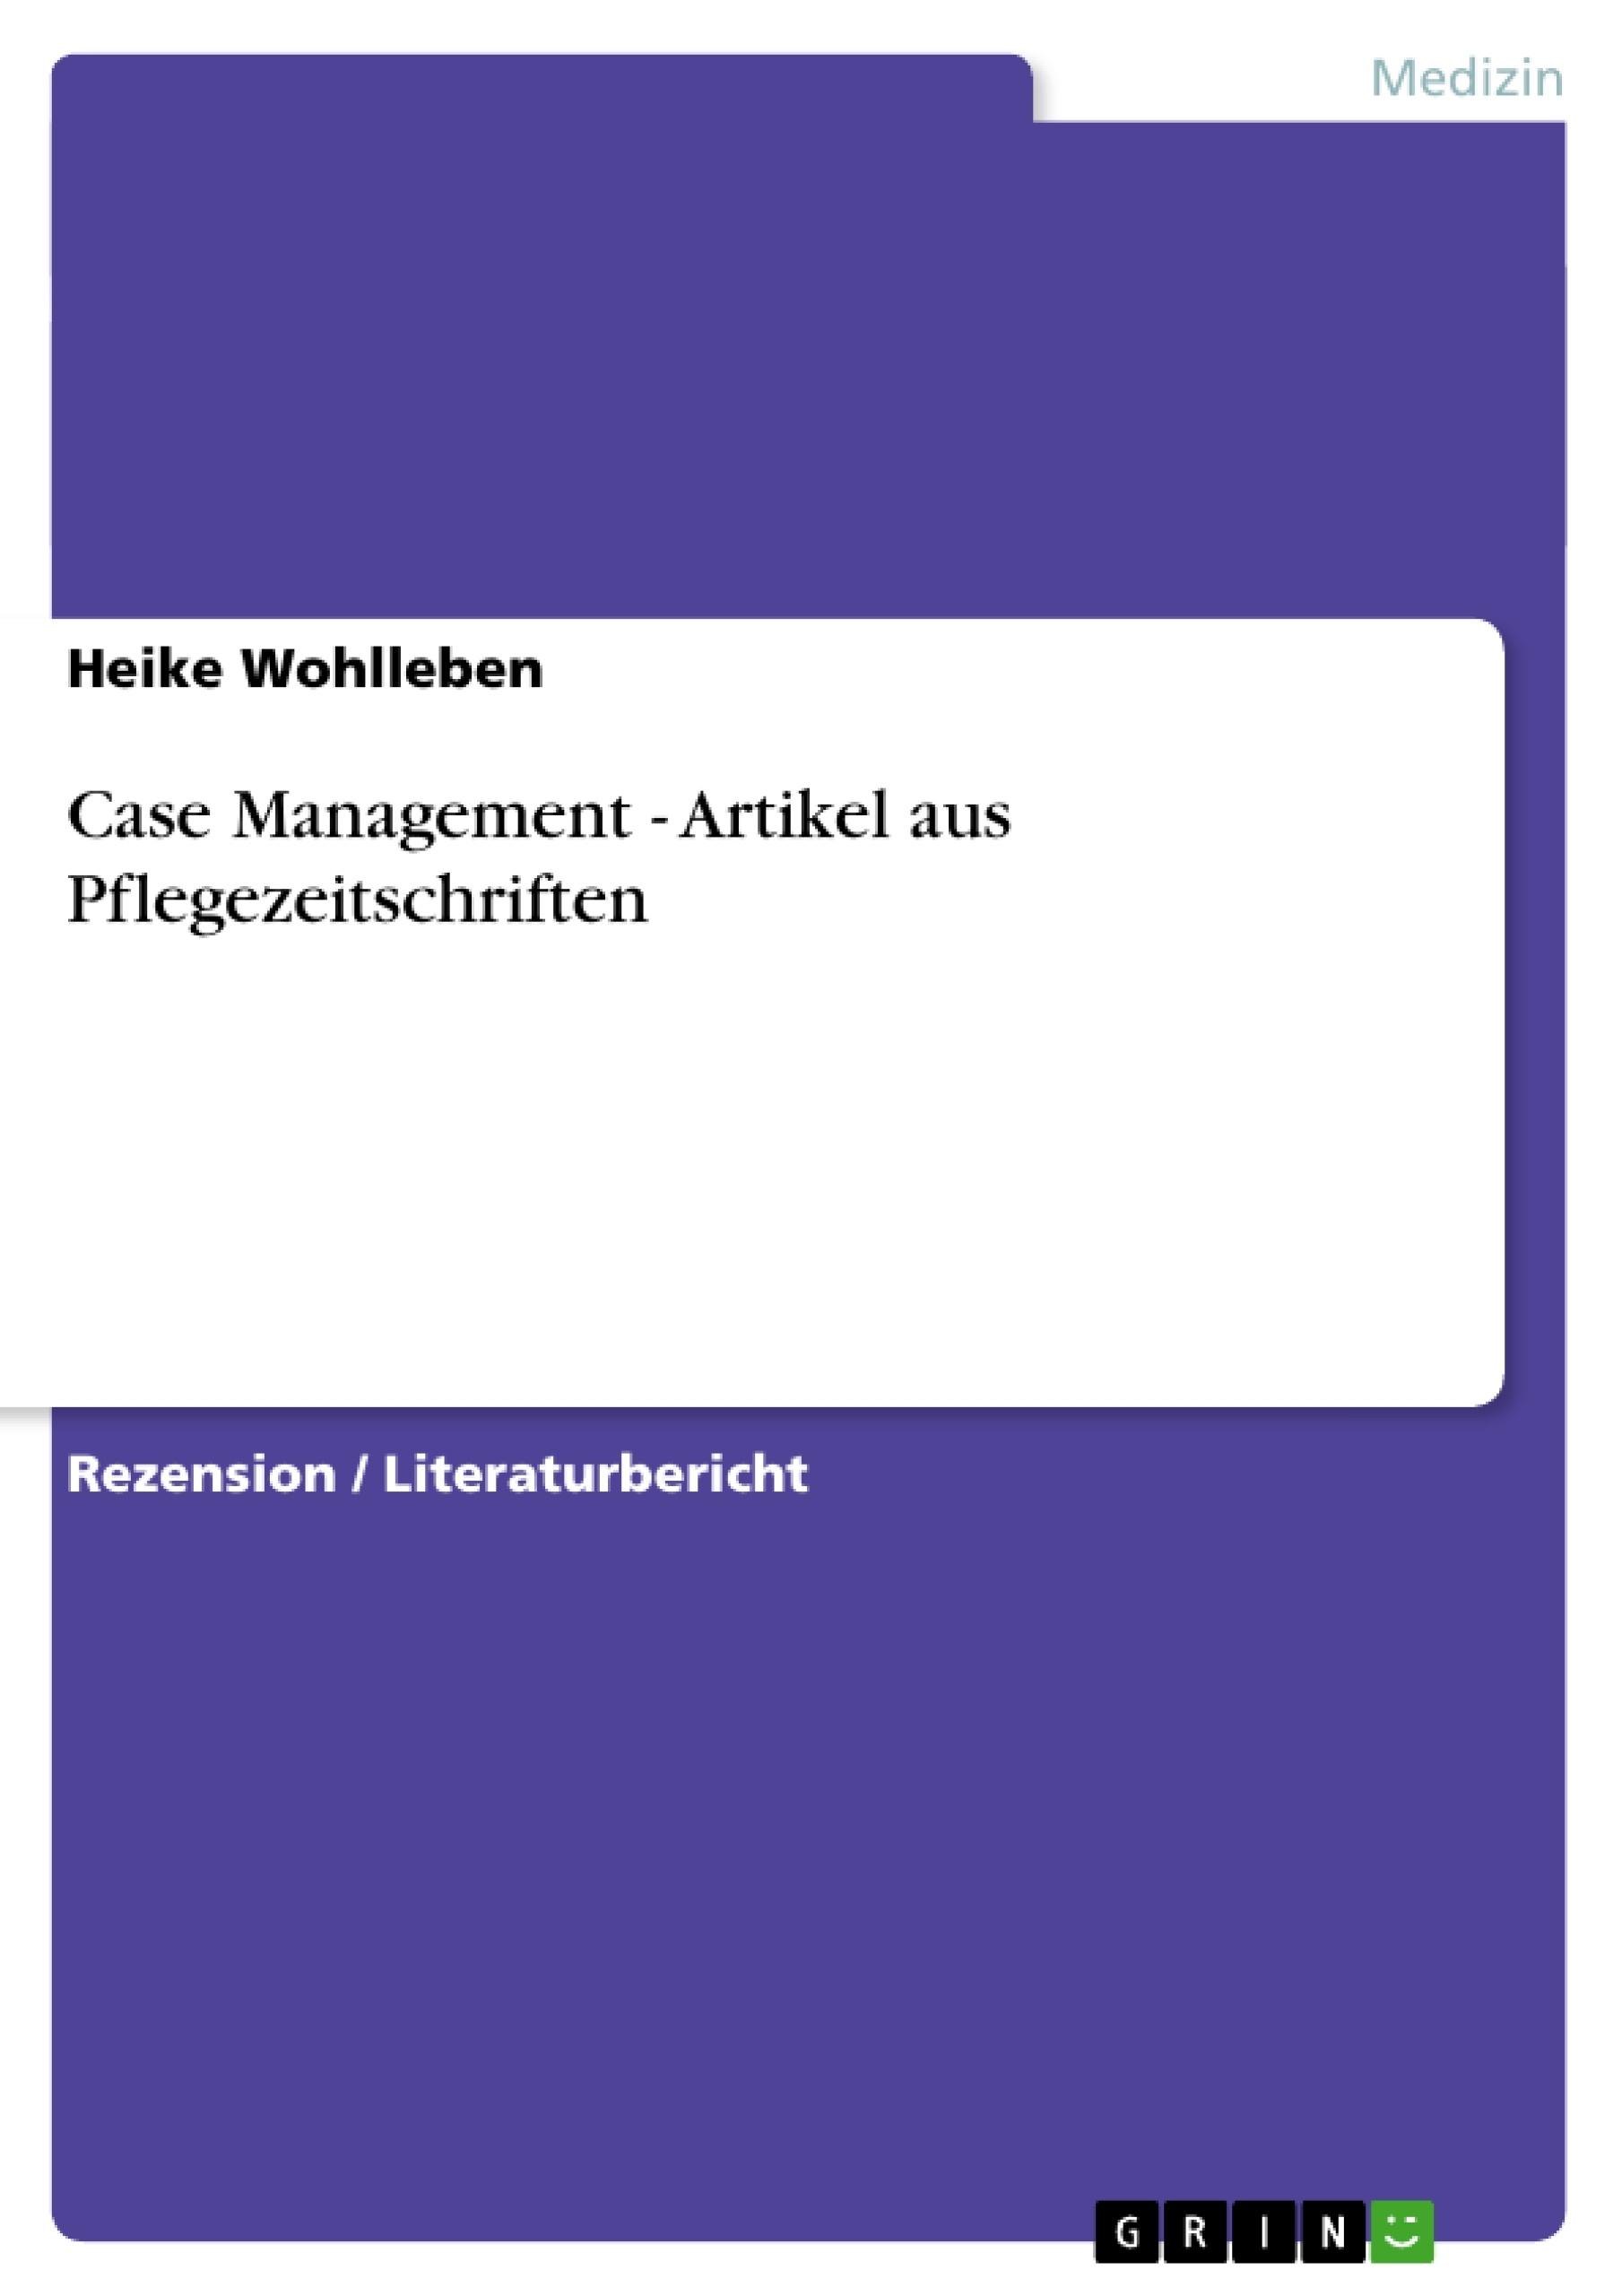 Titel: Case Management - Artikel aus Pflegezeitschriften